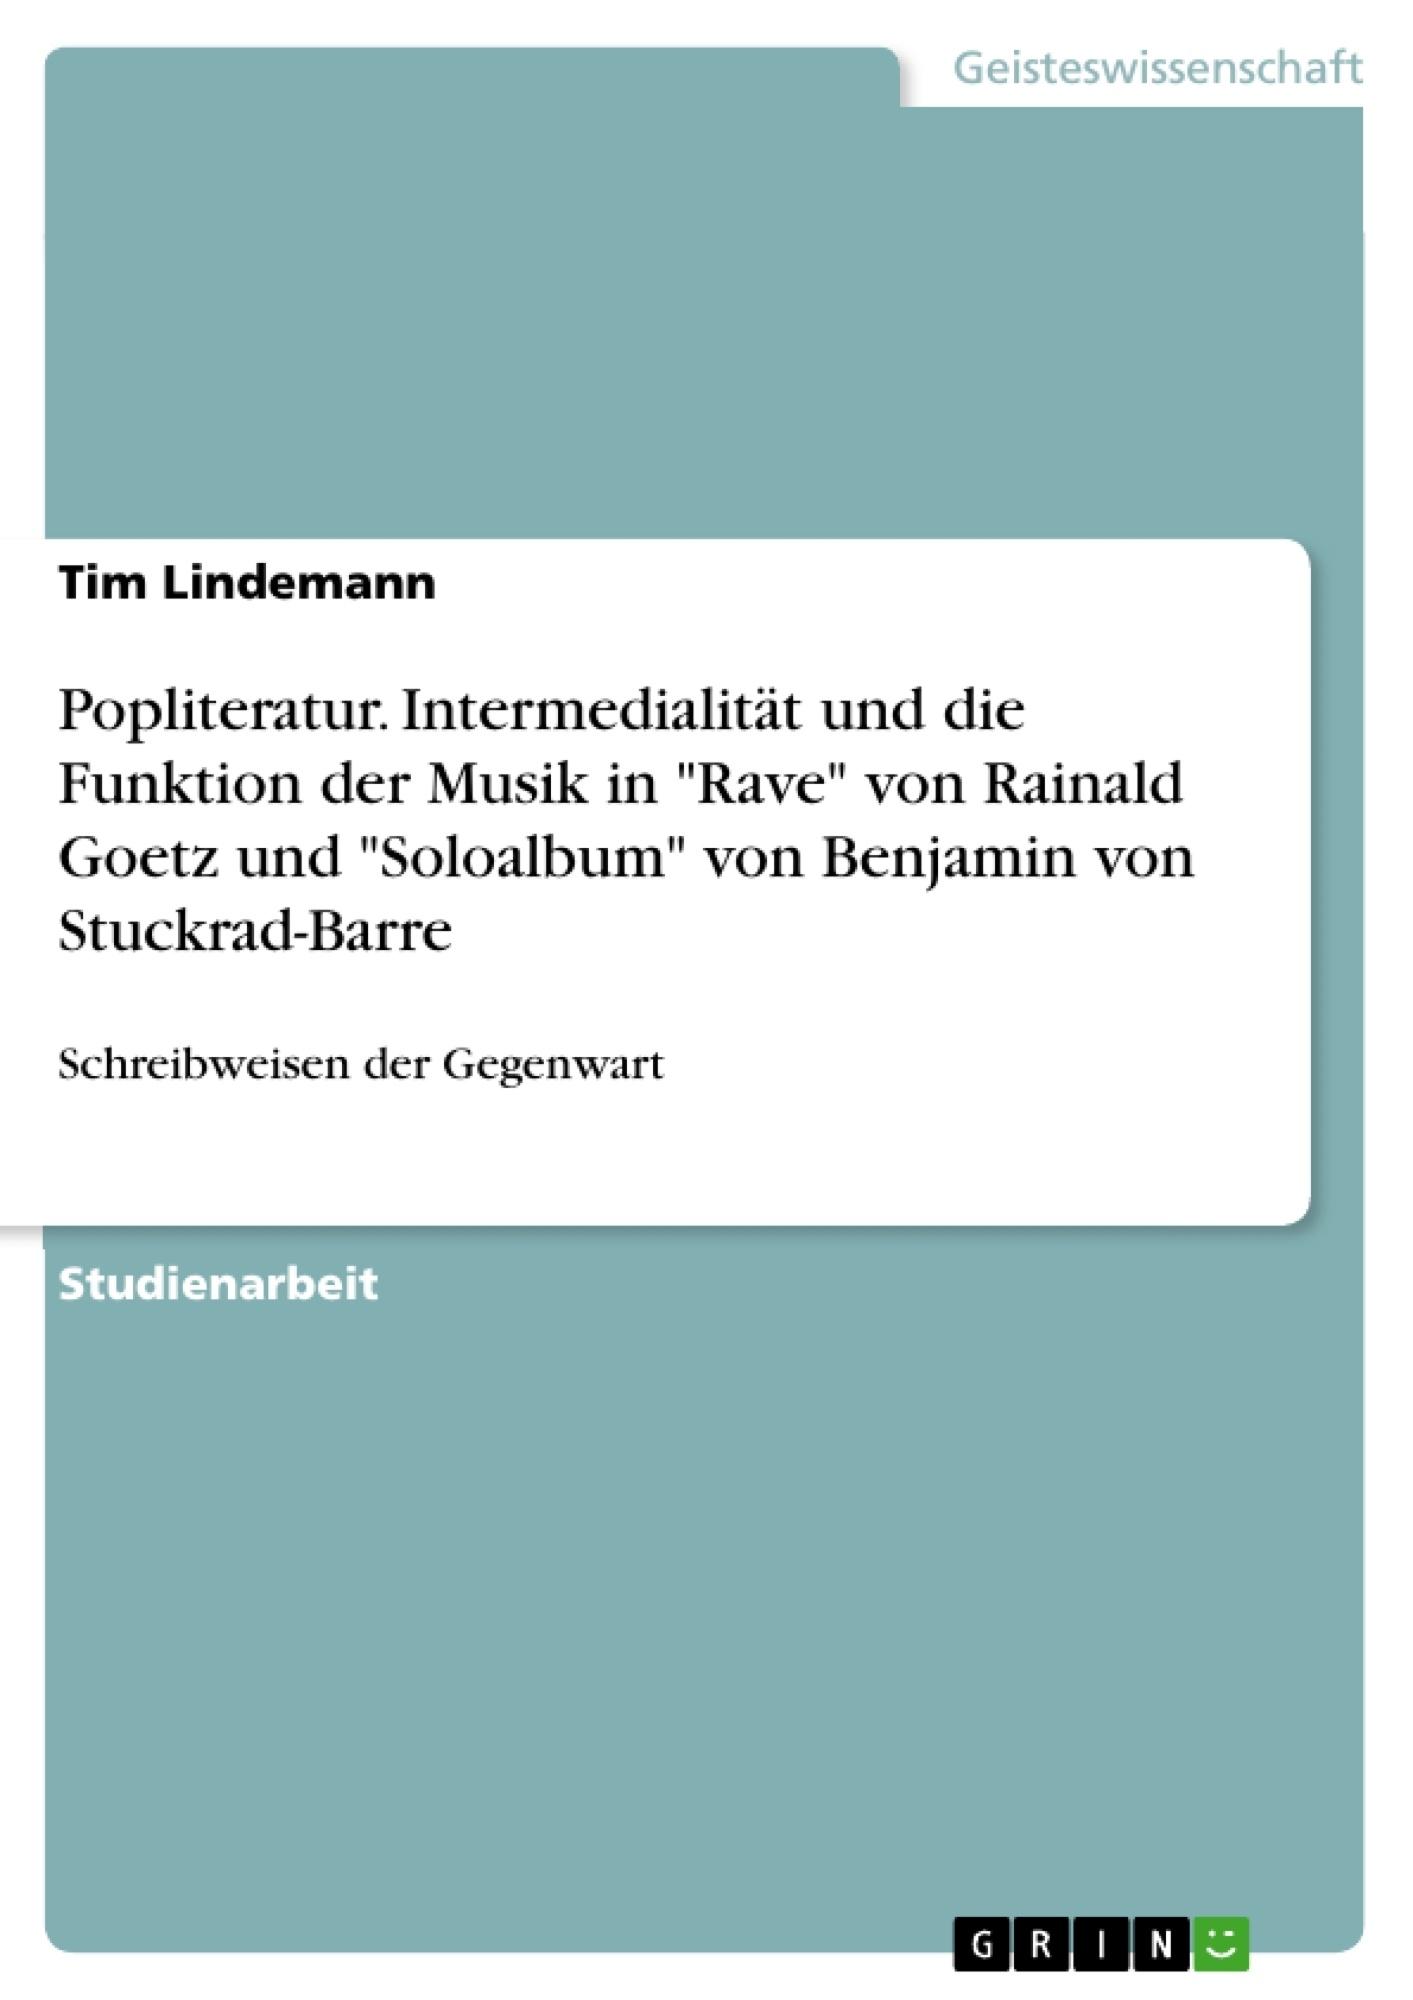 """Titel: Popliteratur. Intermedialität und die Funktion der Musik in """"Rave"""" von Rainald Goetz und """"Soloalbum"""" von Benjamin von Stuckrad-Barre"""